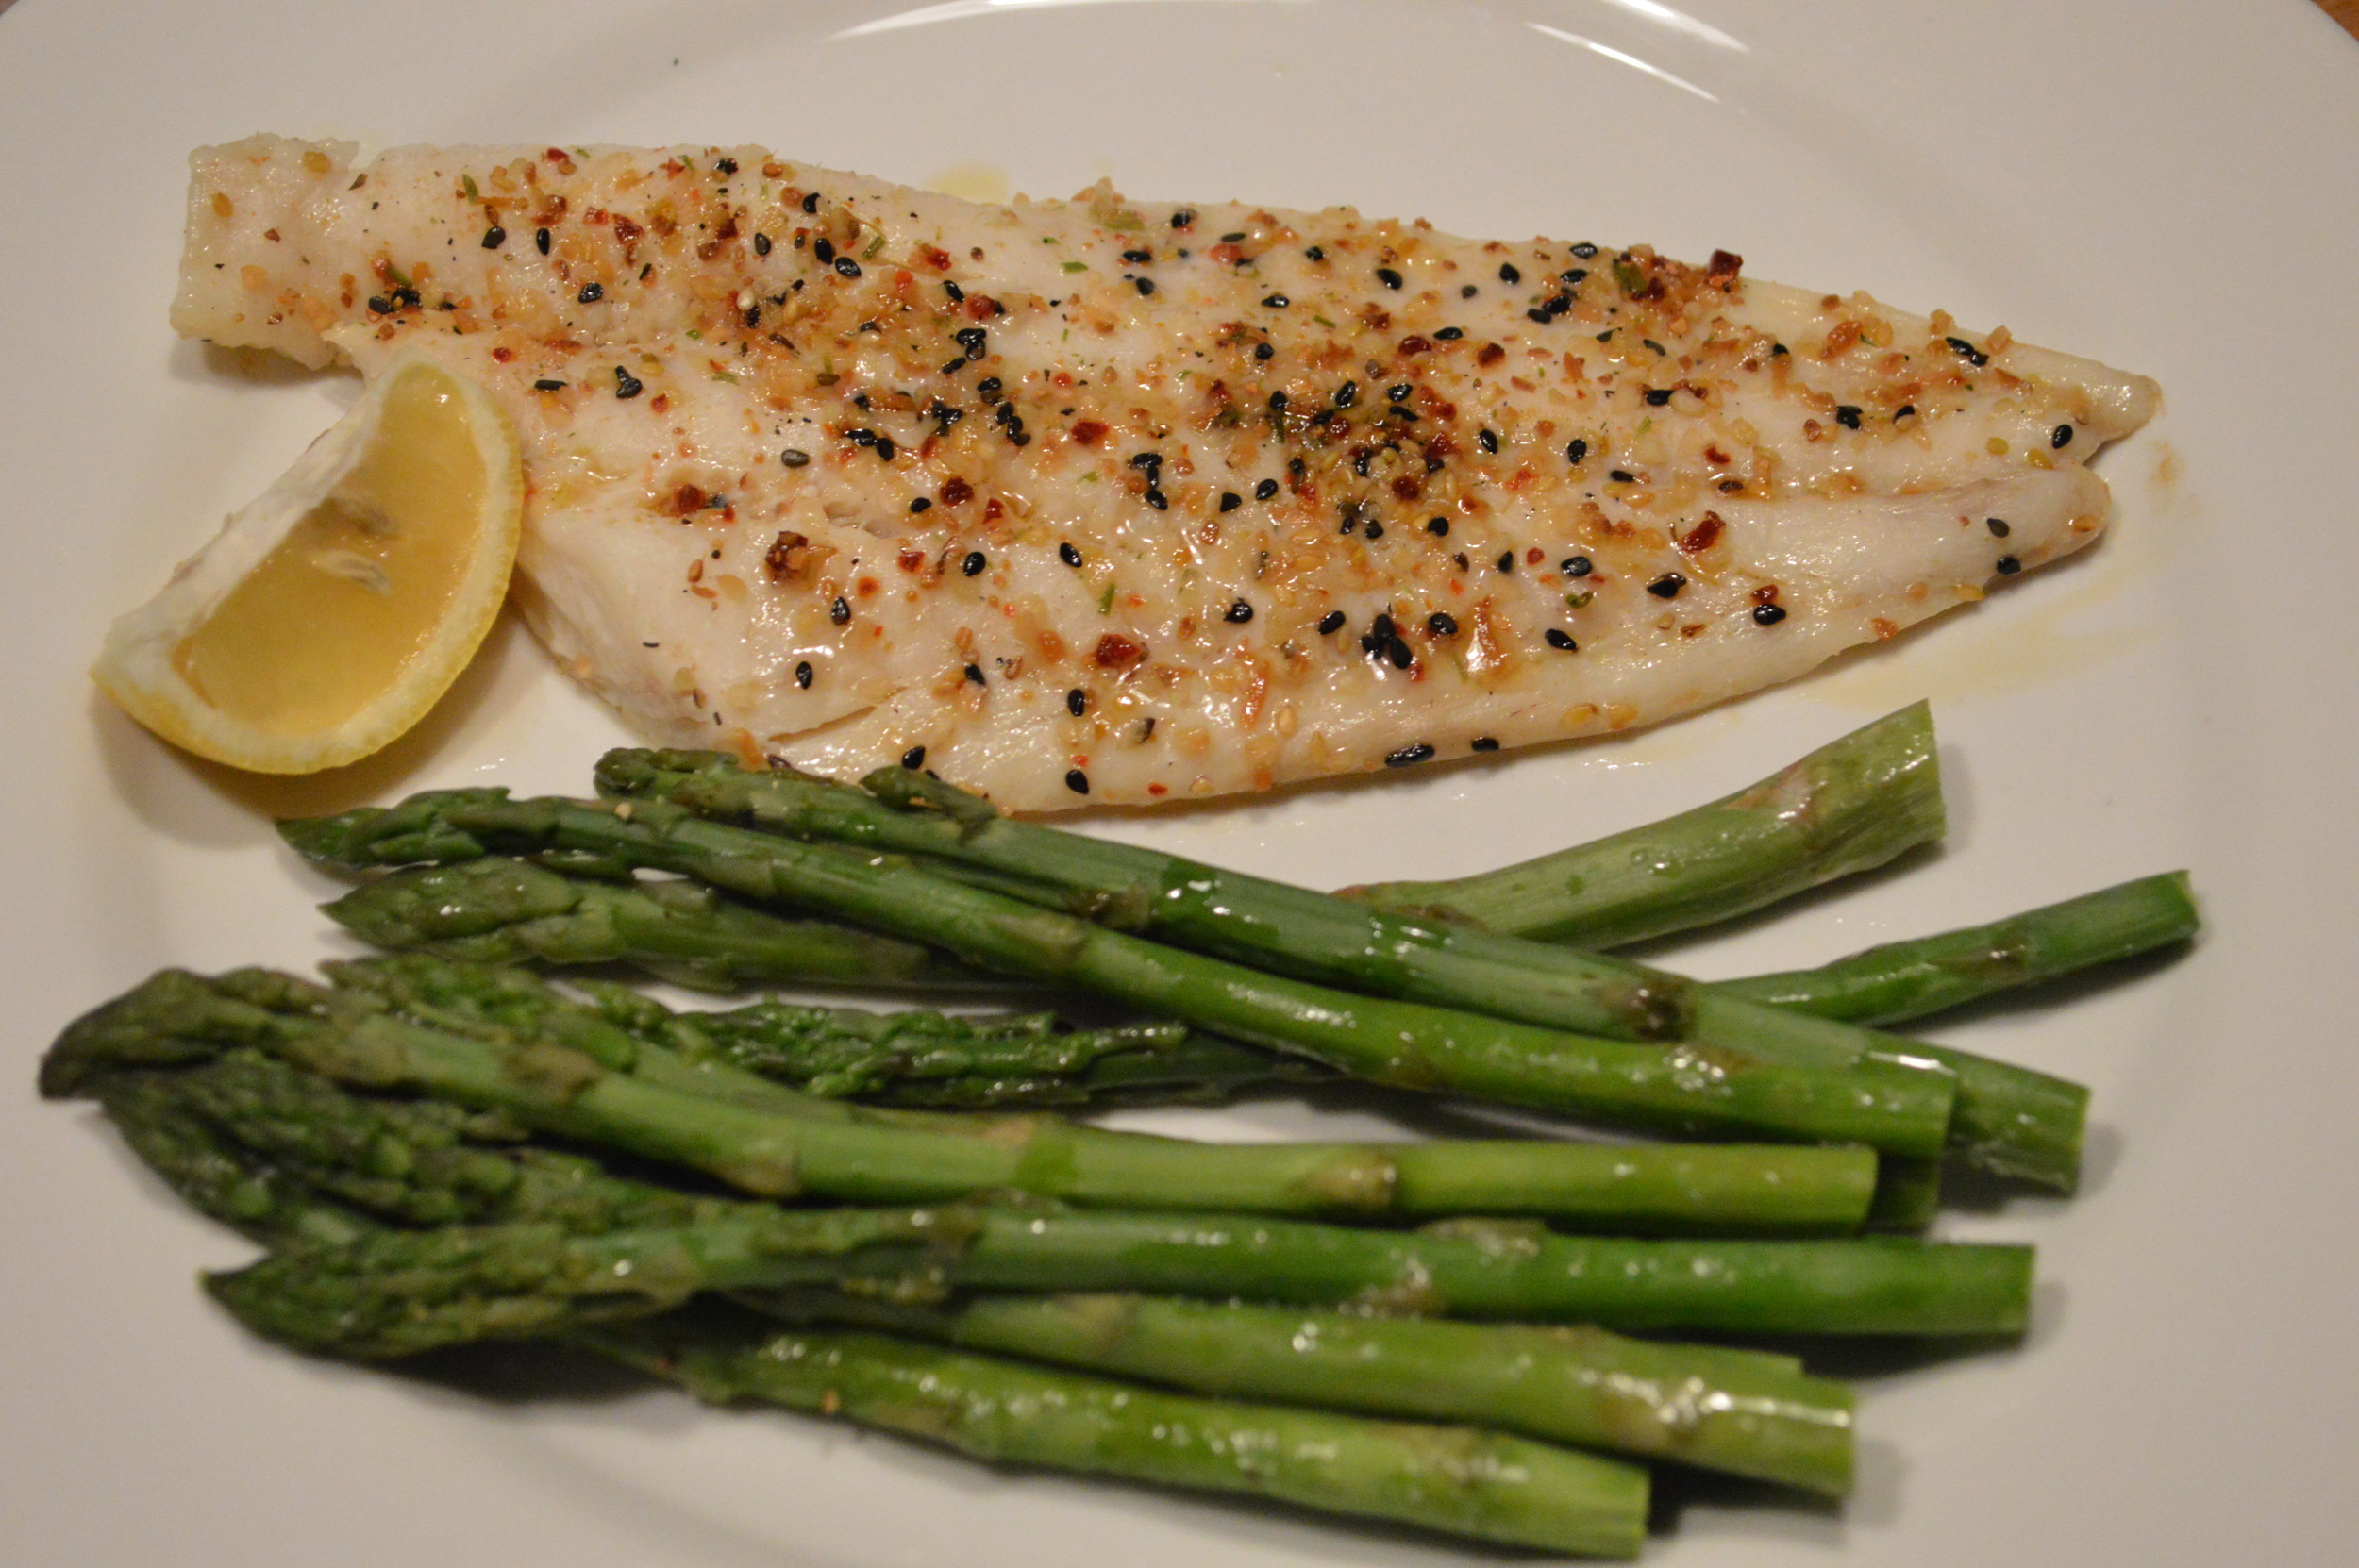 Asparagus & Baked Cod